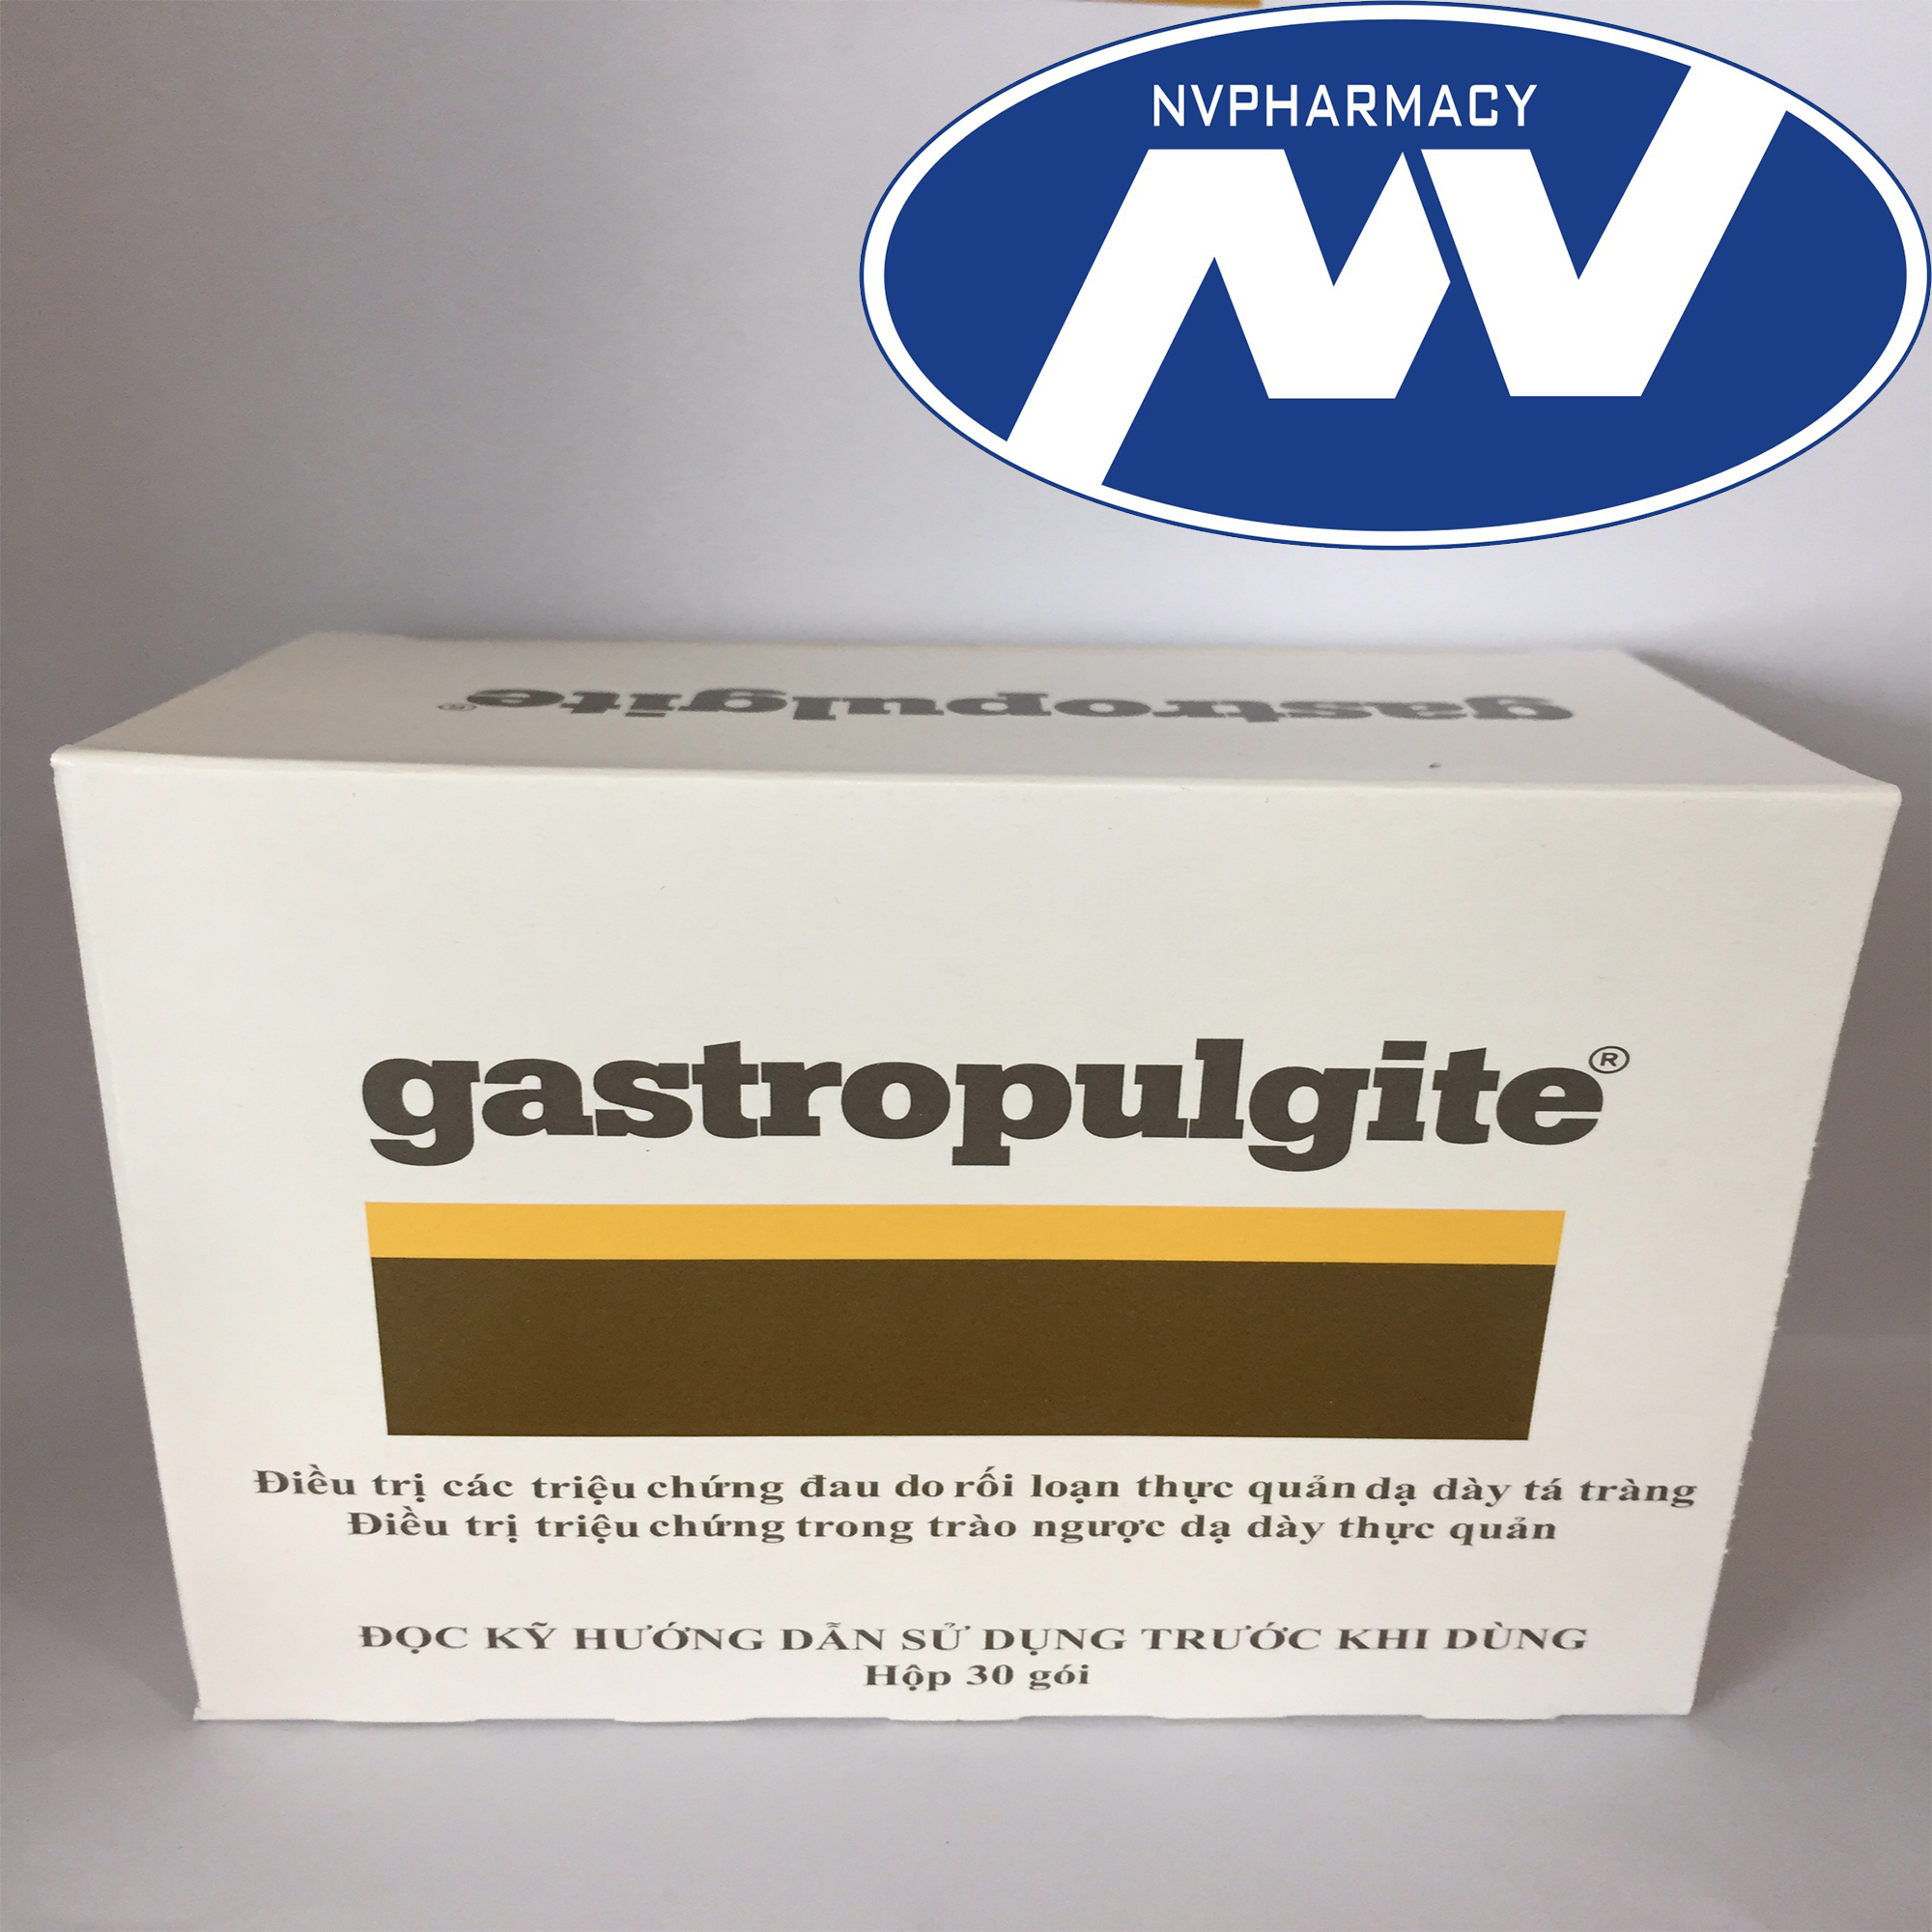 Tìm hiểu Gastropulgite là thuốc gì? Cách sử dụng thuốc như thế nào?